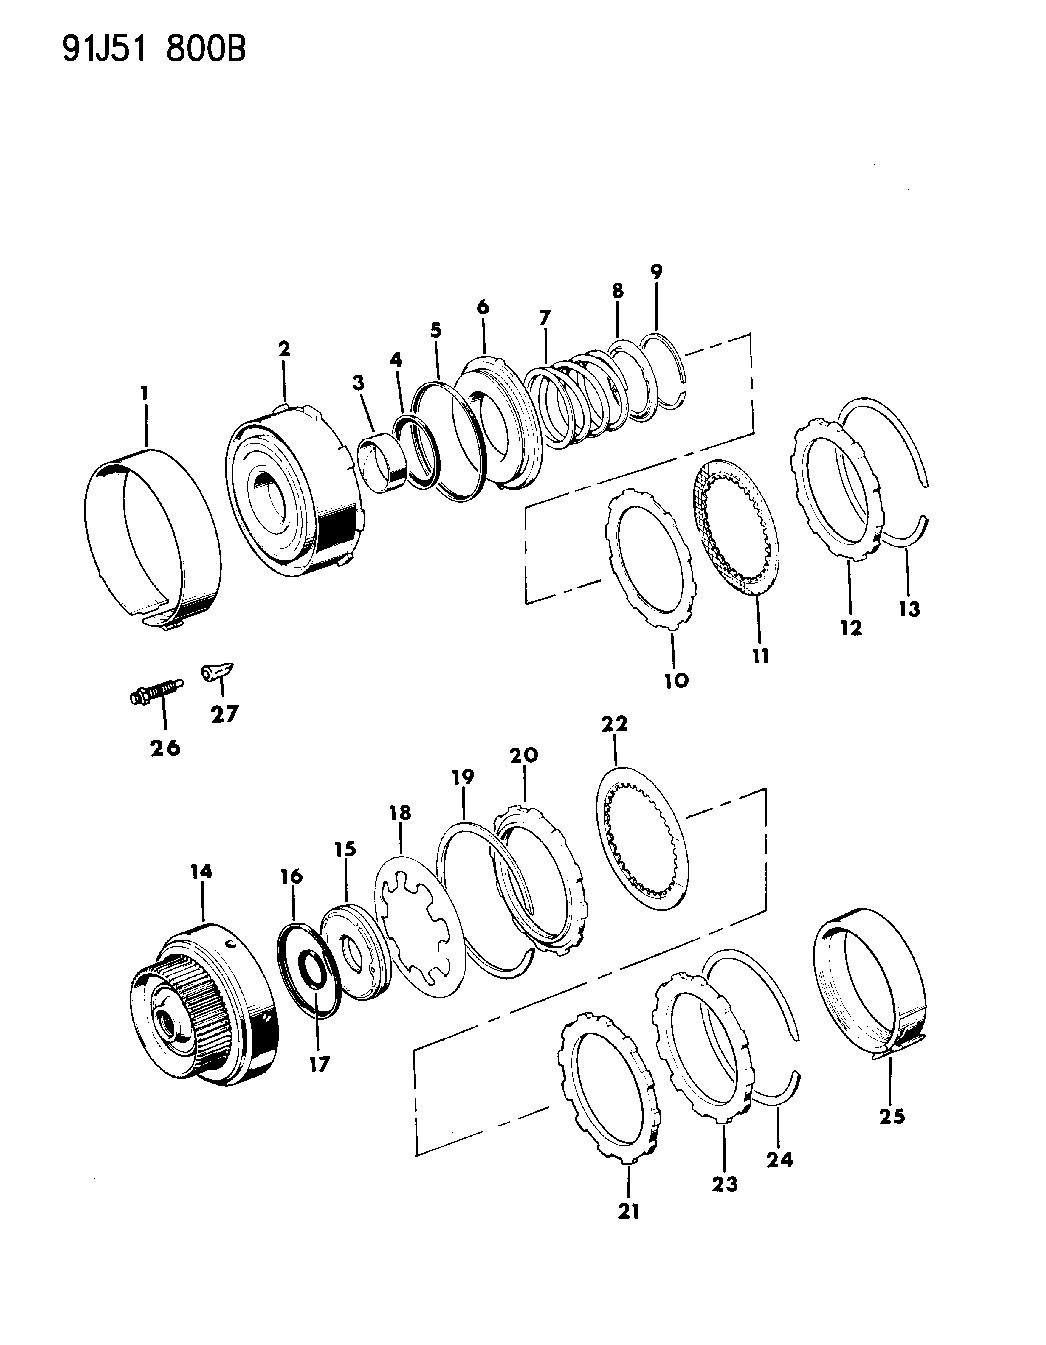 1991 Jeep Wrangler Clutch, Front & Rear - Mopar Parts Giant